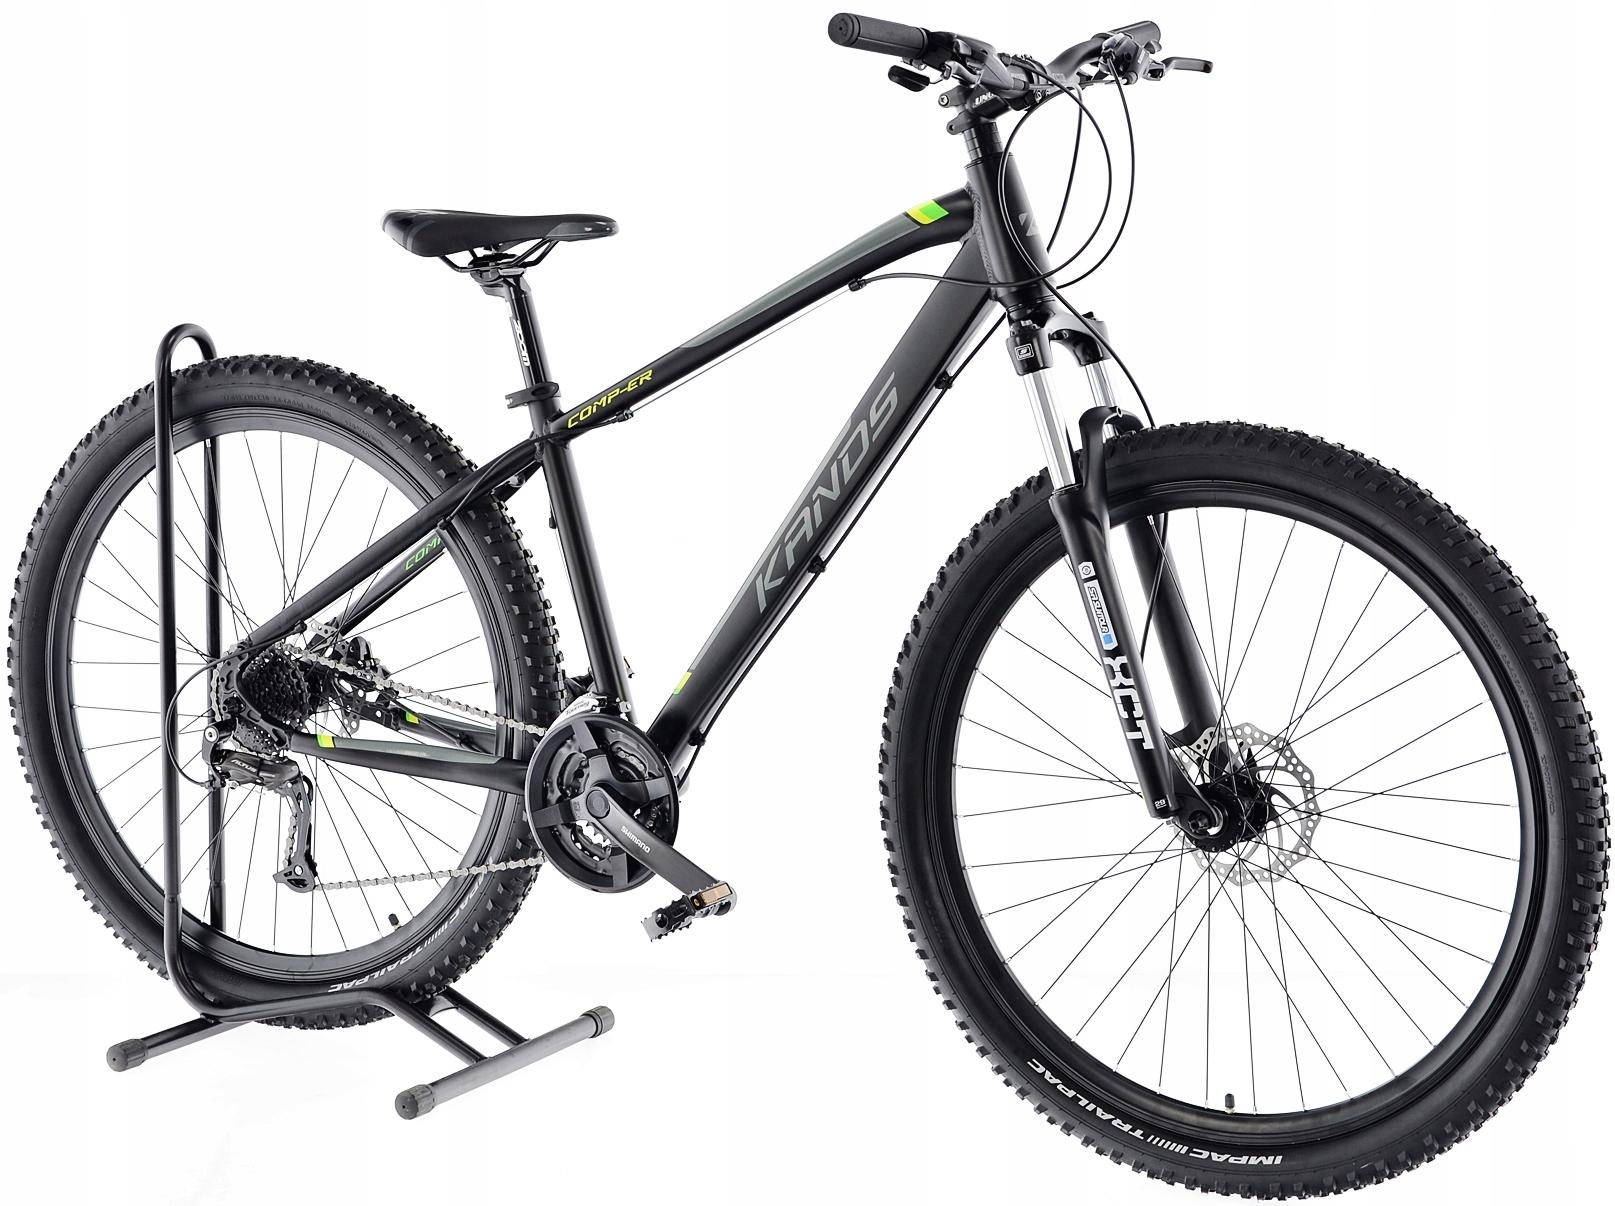 Rower MTB Kands 29 COMPER 21 czarno-seled 2021 Płeć kobieta mężczyzna chłopiec